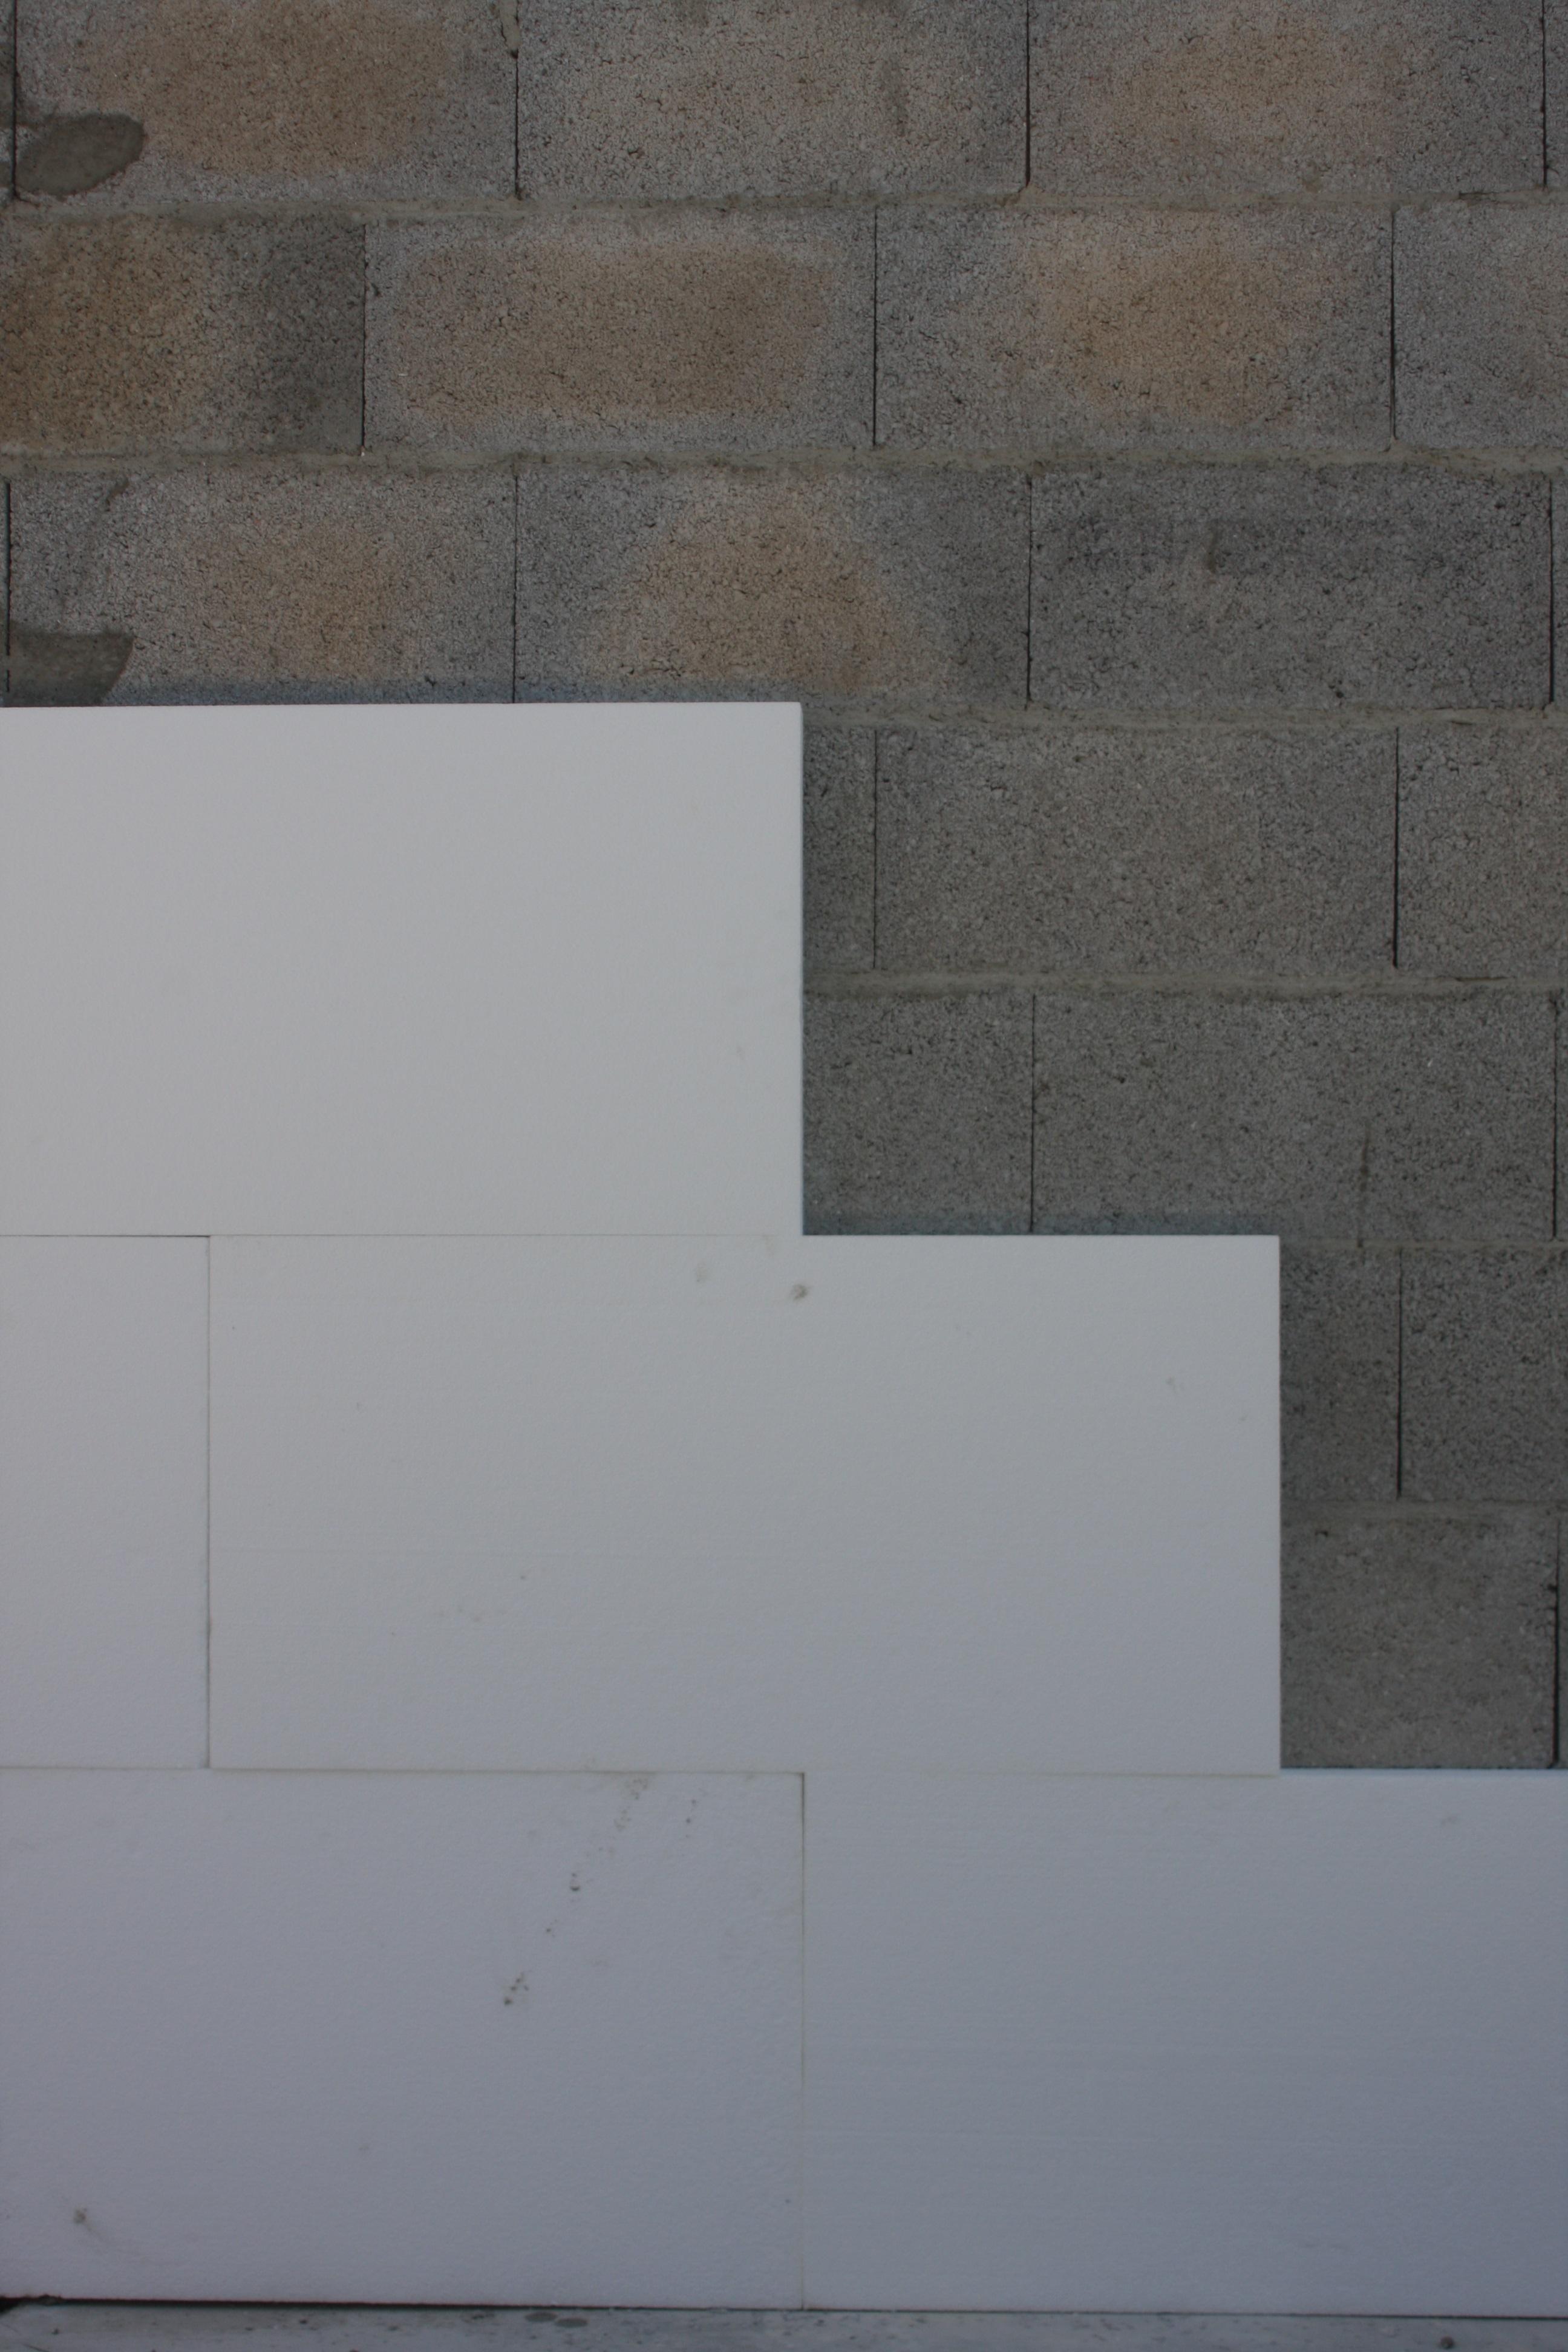 Pose des panneaux façon coupe de pierres puis contrôle de la planimétrie